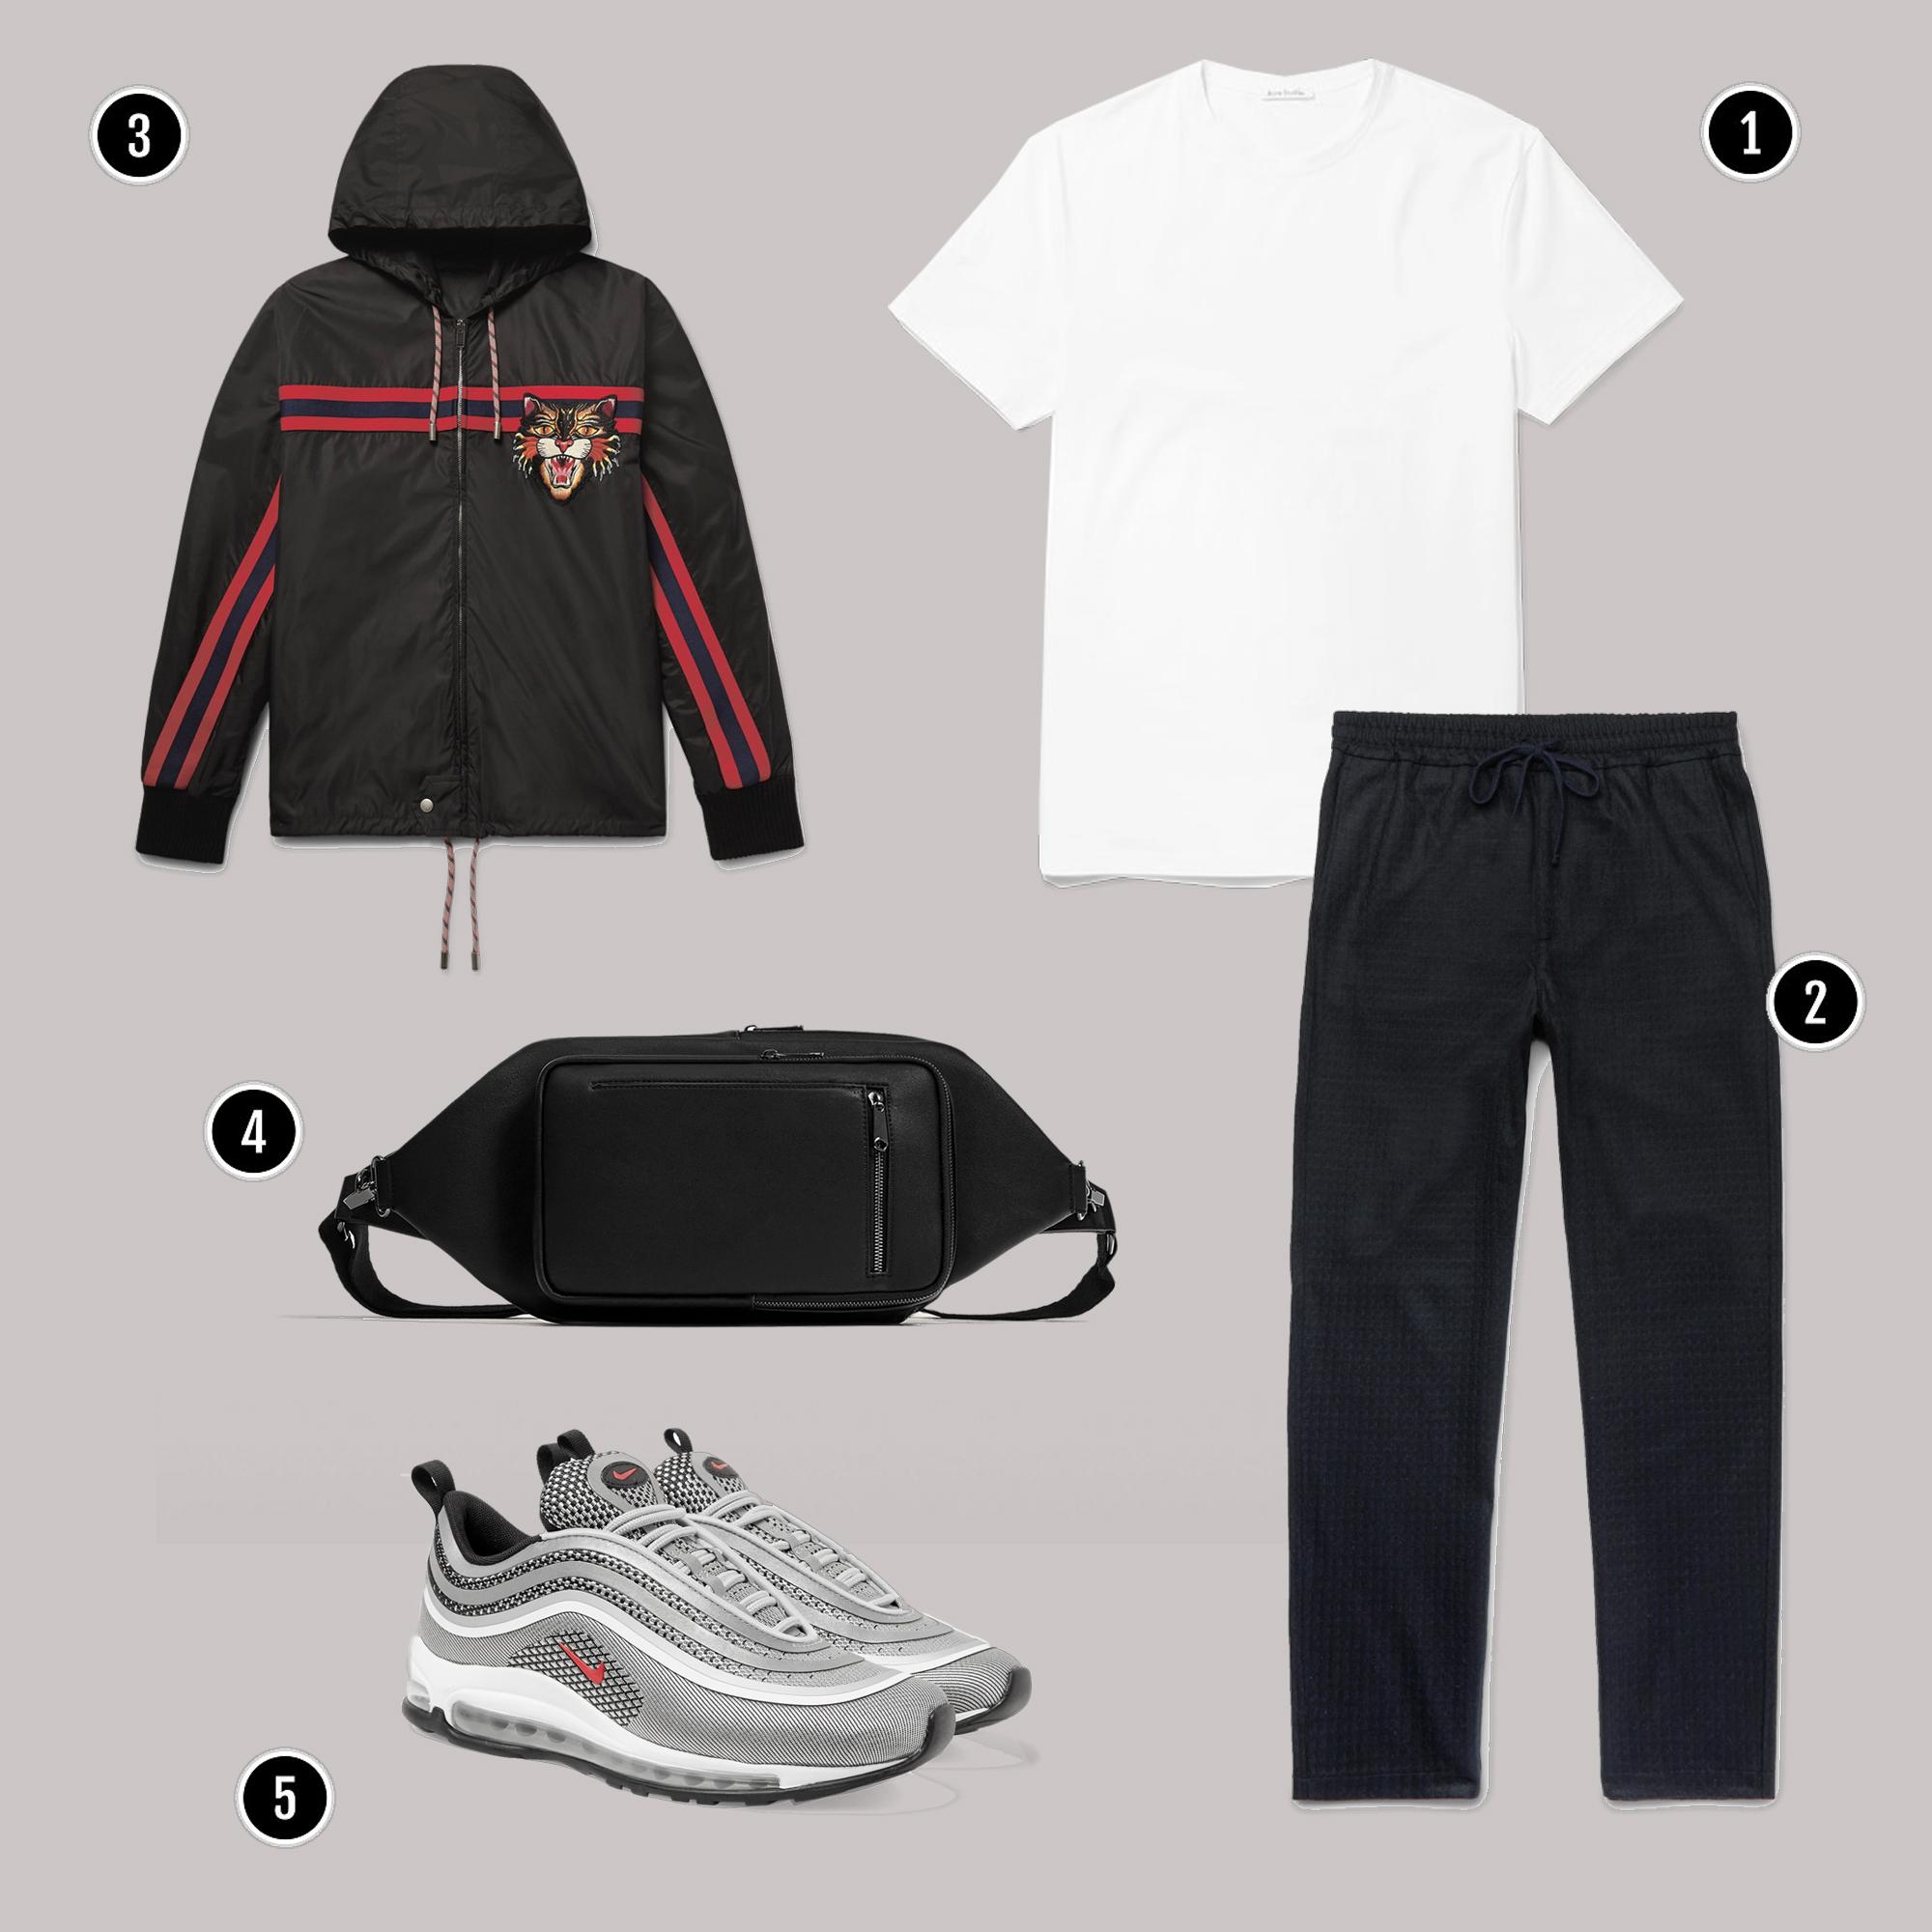 1. Áo: Acne / 2. Quần: Barena / 3. Áo: Gucci / 4. Túi: Zara / 5. Giày: Nike